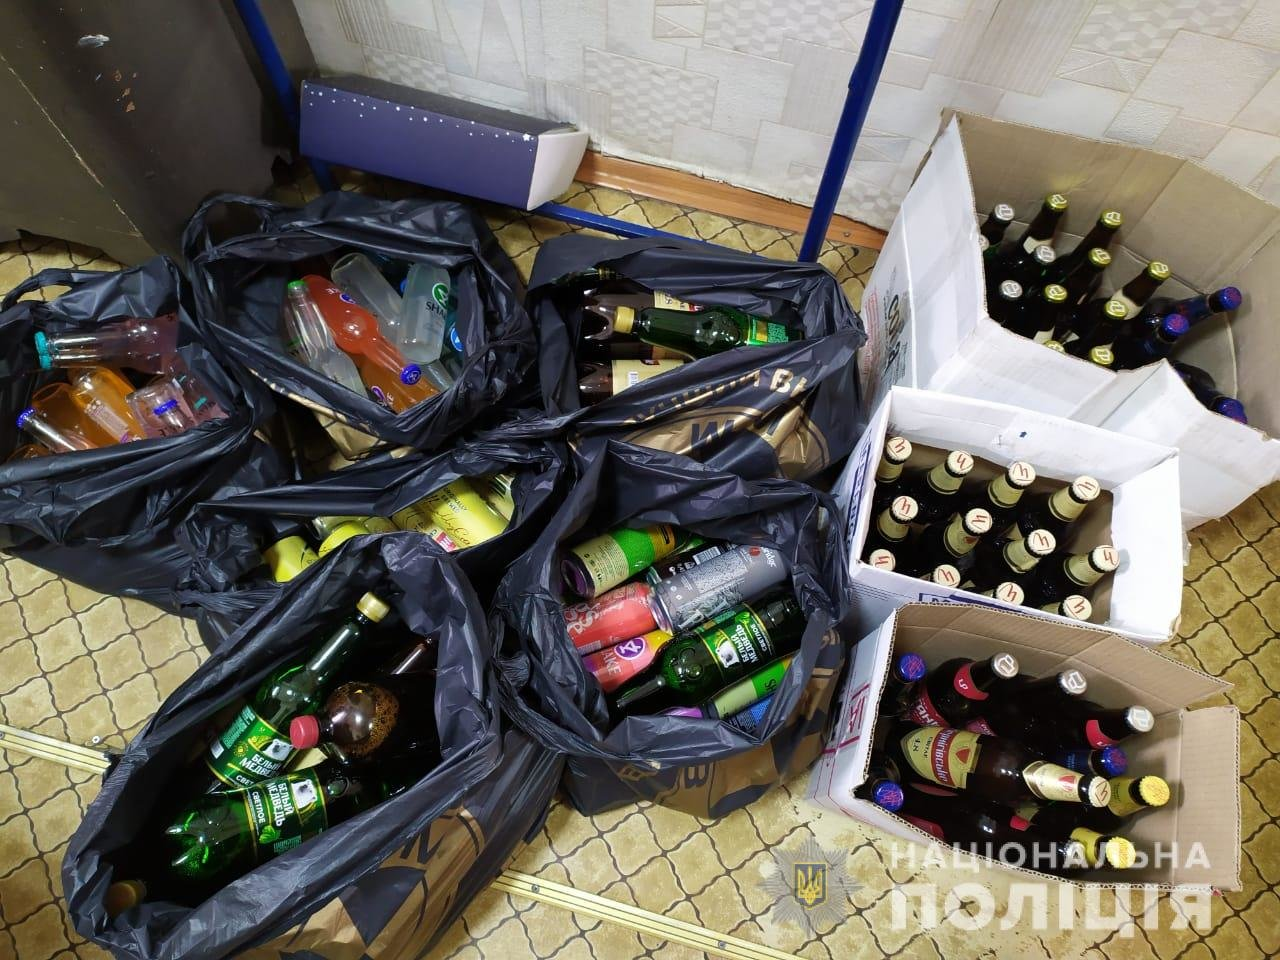 В Днепропетровской области изъяли более полутора сотни бутылок незаконного алкоголя, - ФОТО, фото-1